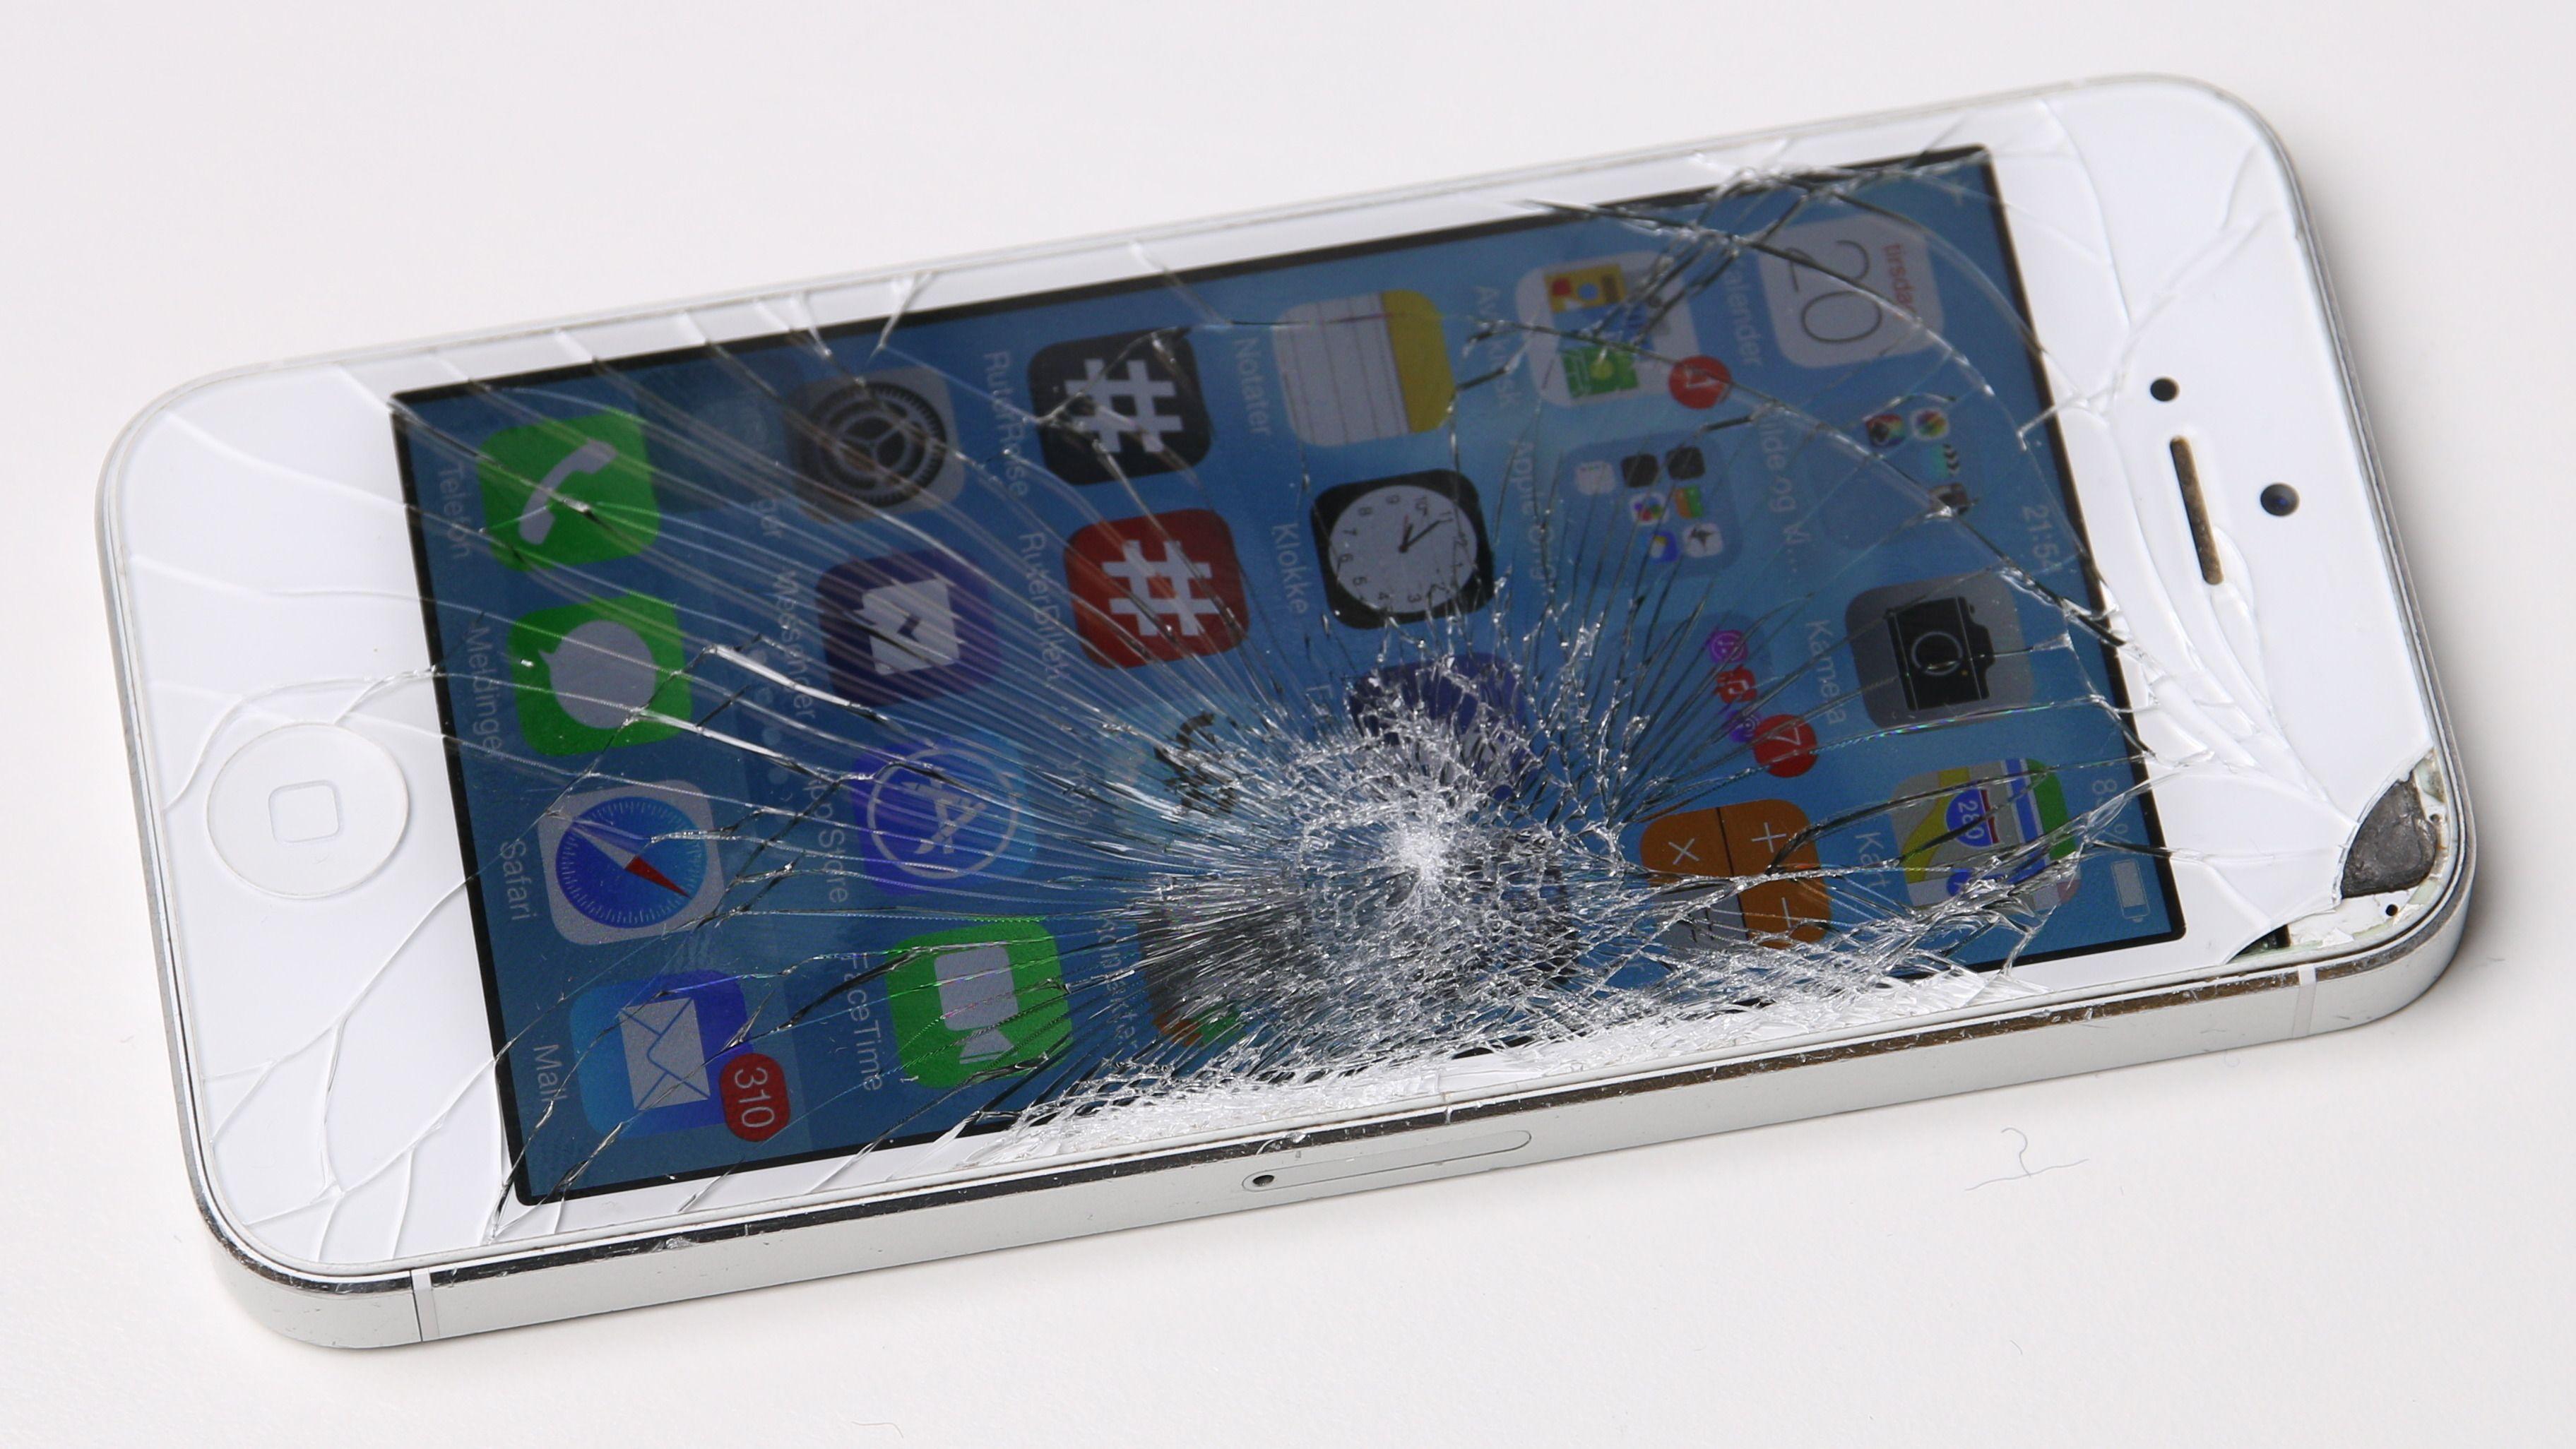 Fremover kan du få reparert knuste skjermer hos uavhengige verksteder og fortsatt beholde garantien - gitt at verkstedene har sertifisert seg hos Apple.